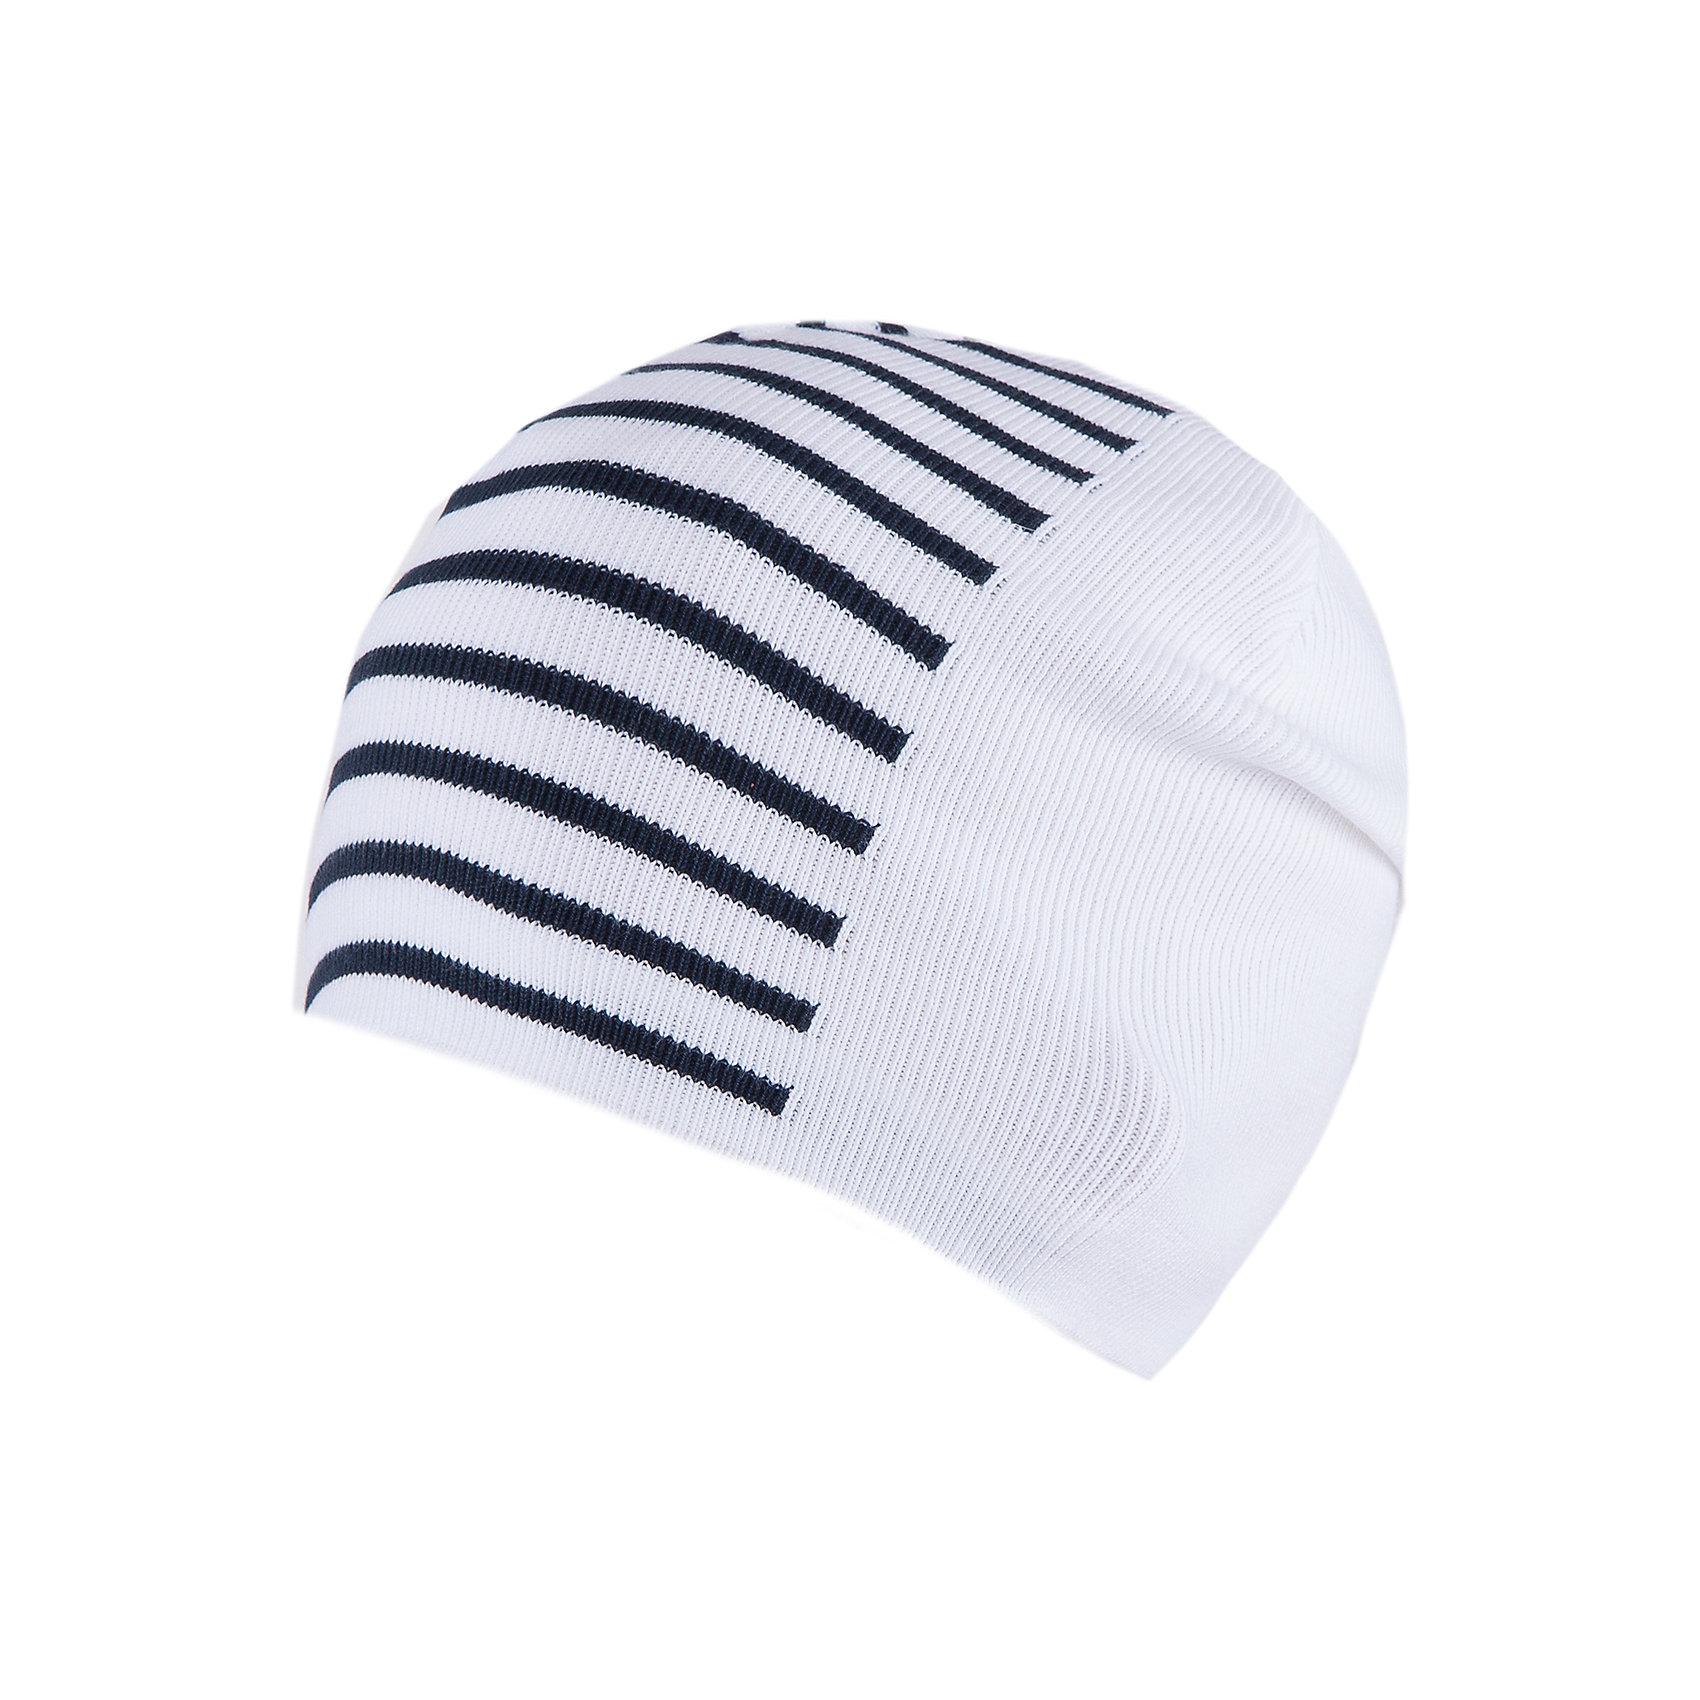 Шапка для мальчика АртельГоловные уборы<br>Шапка для мальчика от торговой марки Артель <br><br>Стильная полосатая шапка отлично смотрится с разным нарядами. Изделие выполнено из качественных материалов, вязка плотная. Натуральный хлопок обеспечит износостойкость и удобство. Отличный вариант для переменной погоды межсезонья! <br>Одежда от бренда Артель – это высокое качество по приемлемой цене и всегда продуманный дизайн. <br><br>Особенности модели: <br>- цвет — белый; <br>- в полоску; <br>- натуральный хлопок. <br><br>Дополнительная информация: <br><br>Состав: 100% хлопок.<br><br><br>Температурный режим: <br>От -5 °C до +10 °C <br><br>Шапку для мальчика Артель (Artel) можно купить в нашем магазине.<br><br>Ширина мм: 89<br>Глубина мм: 117<br>Высота мм: 44<br>Вес г: 155<br>Цвет: белый<br>Возраст от месяцев: 72<br>Возраст до месяцев: 84<br>Пол: Мужской<br>Возраст: Детский<br>Размер: 54,56,52<br>SKU: 4500475